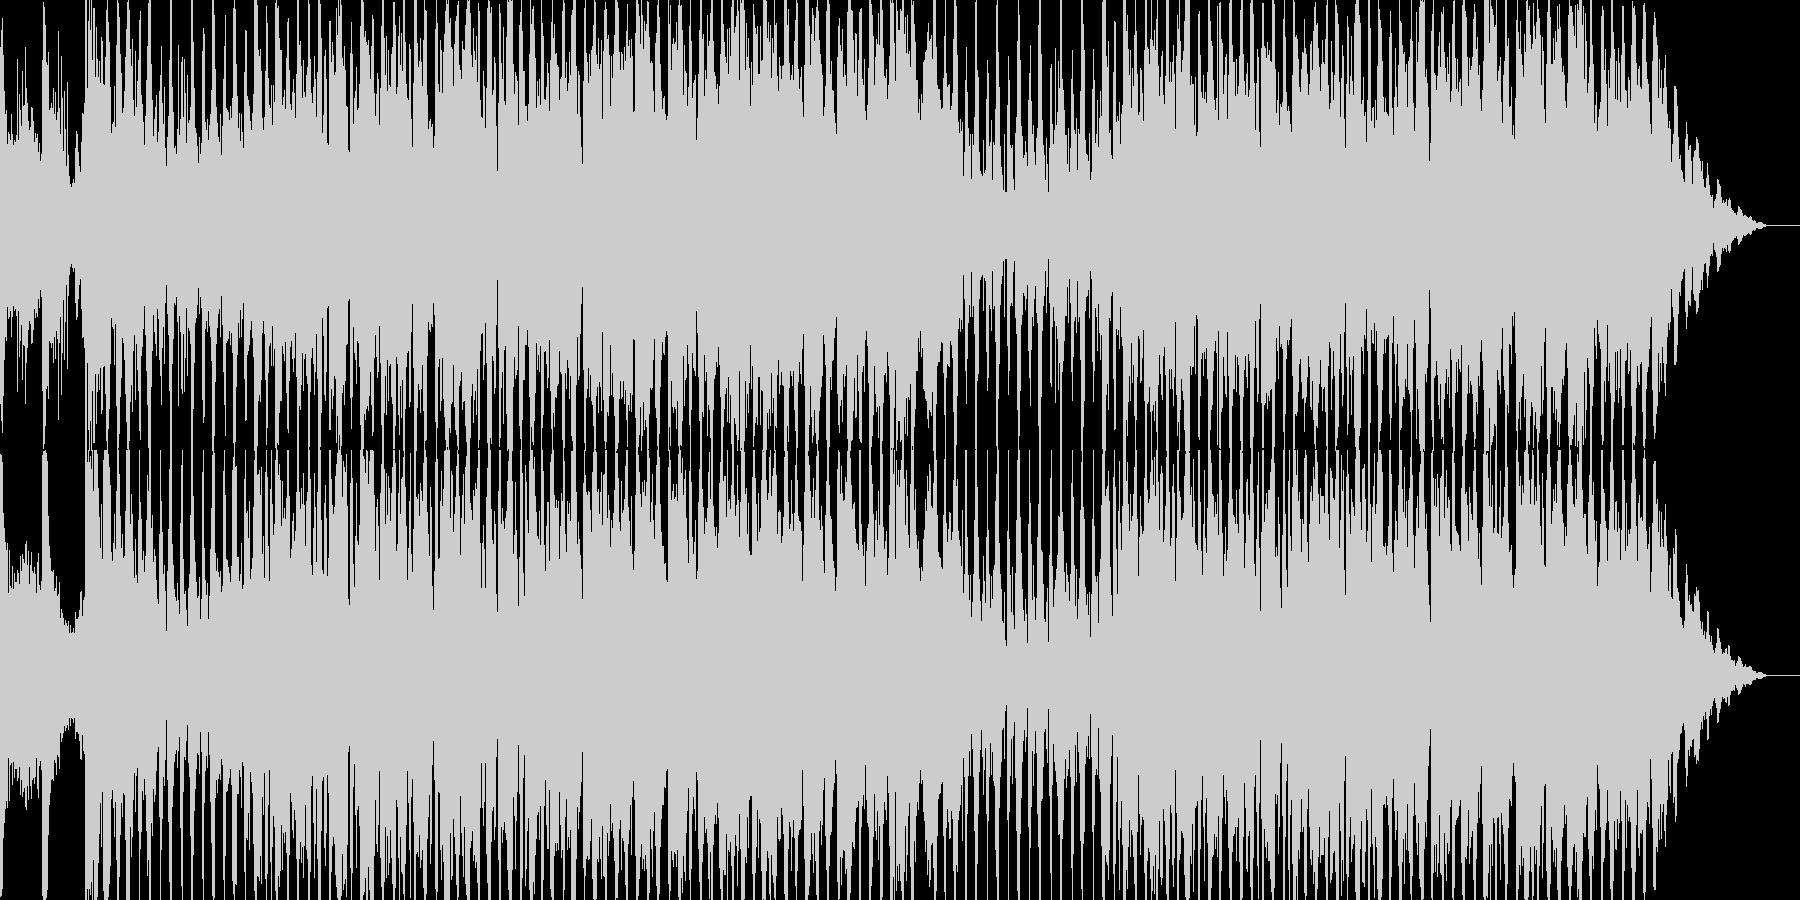 ハロウィンの恐怖感があるオーケストラの未再生の波形